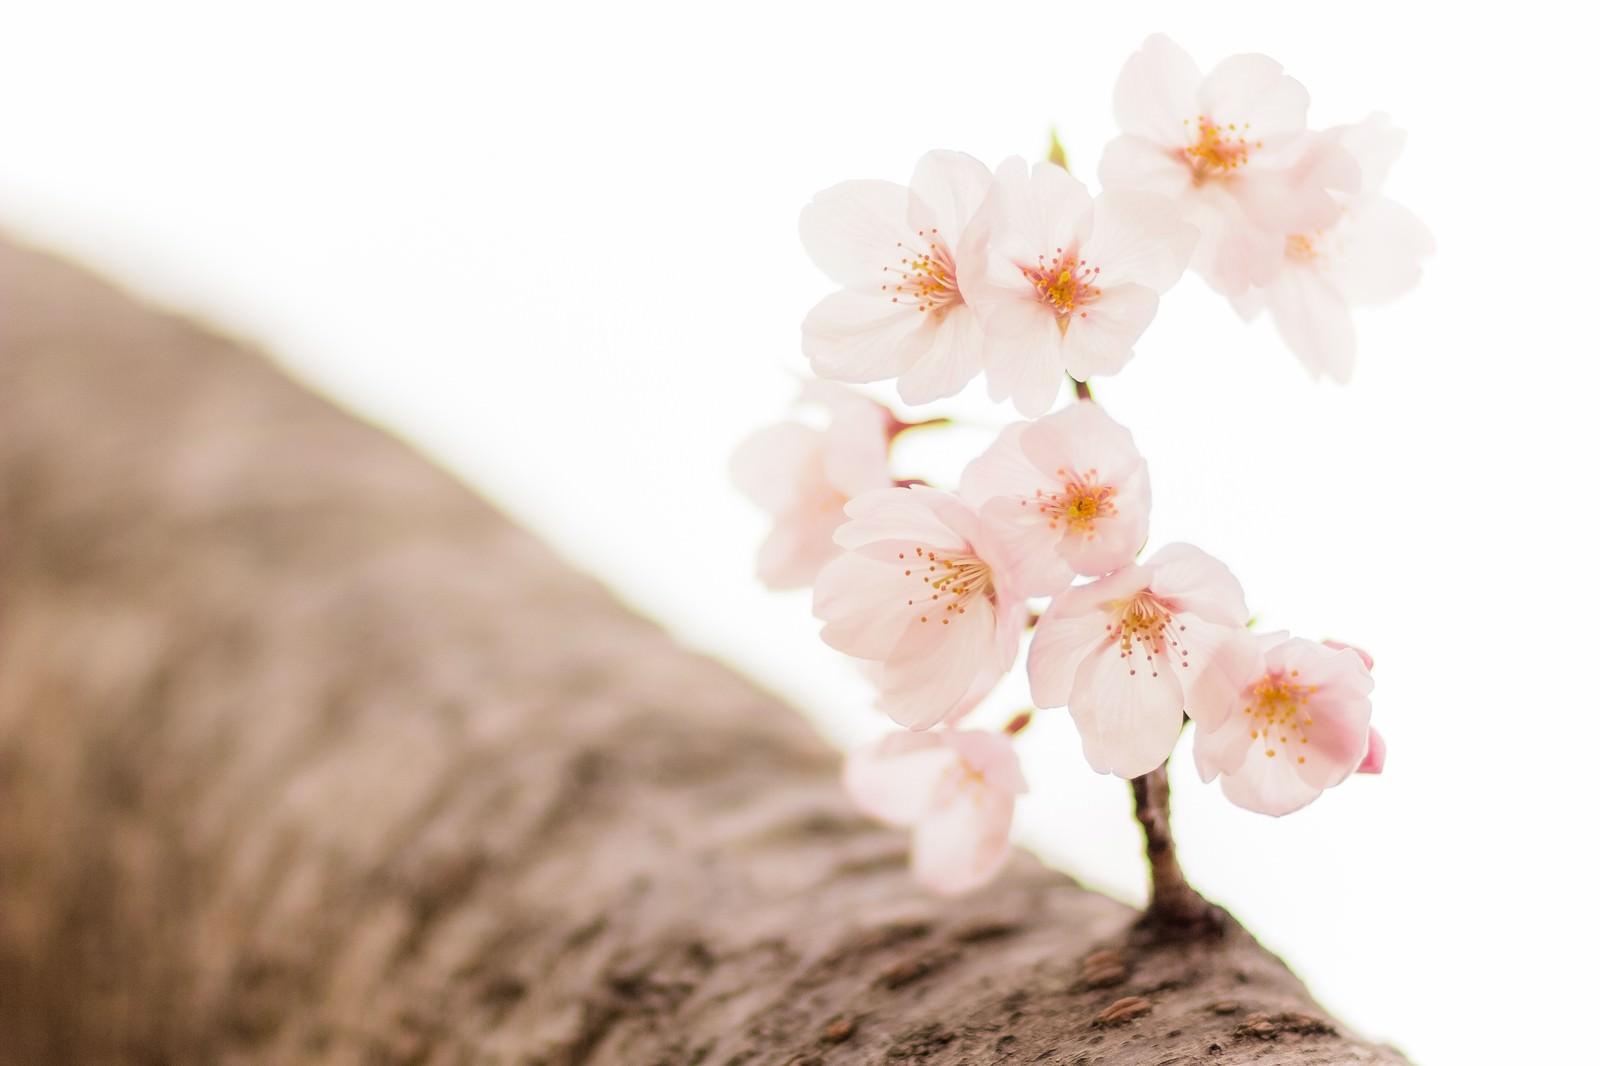 「桜と枝」の写真